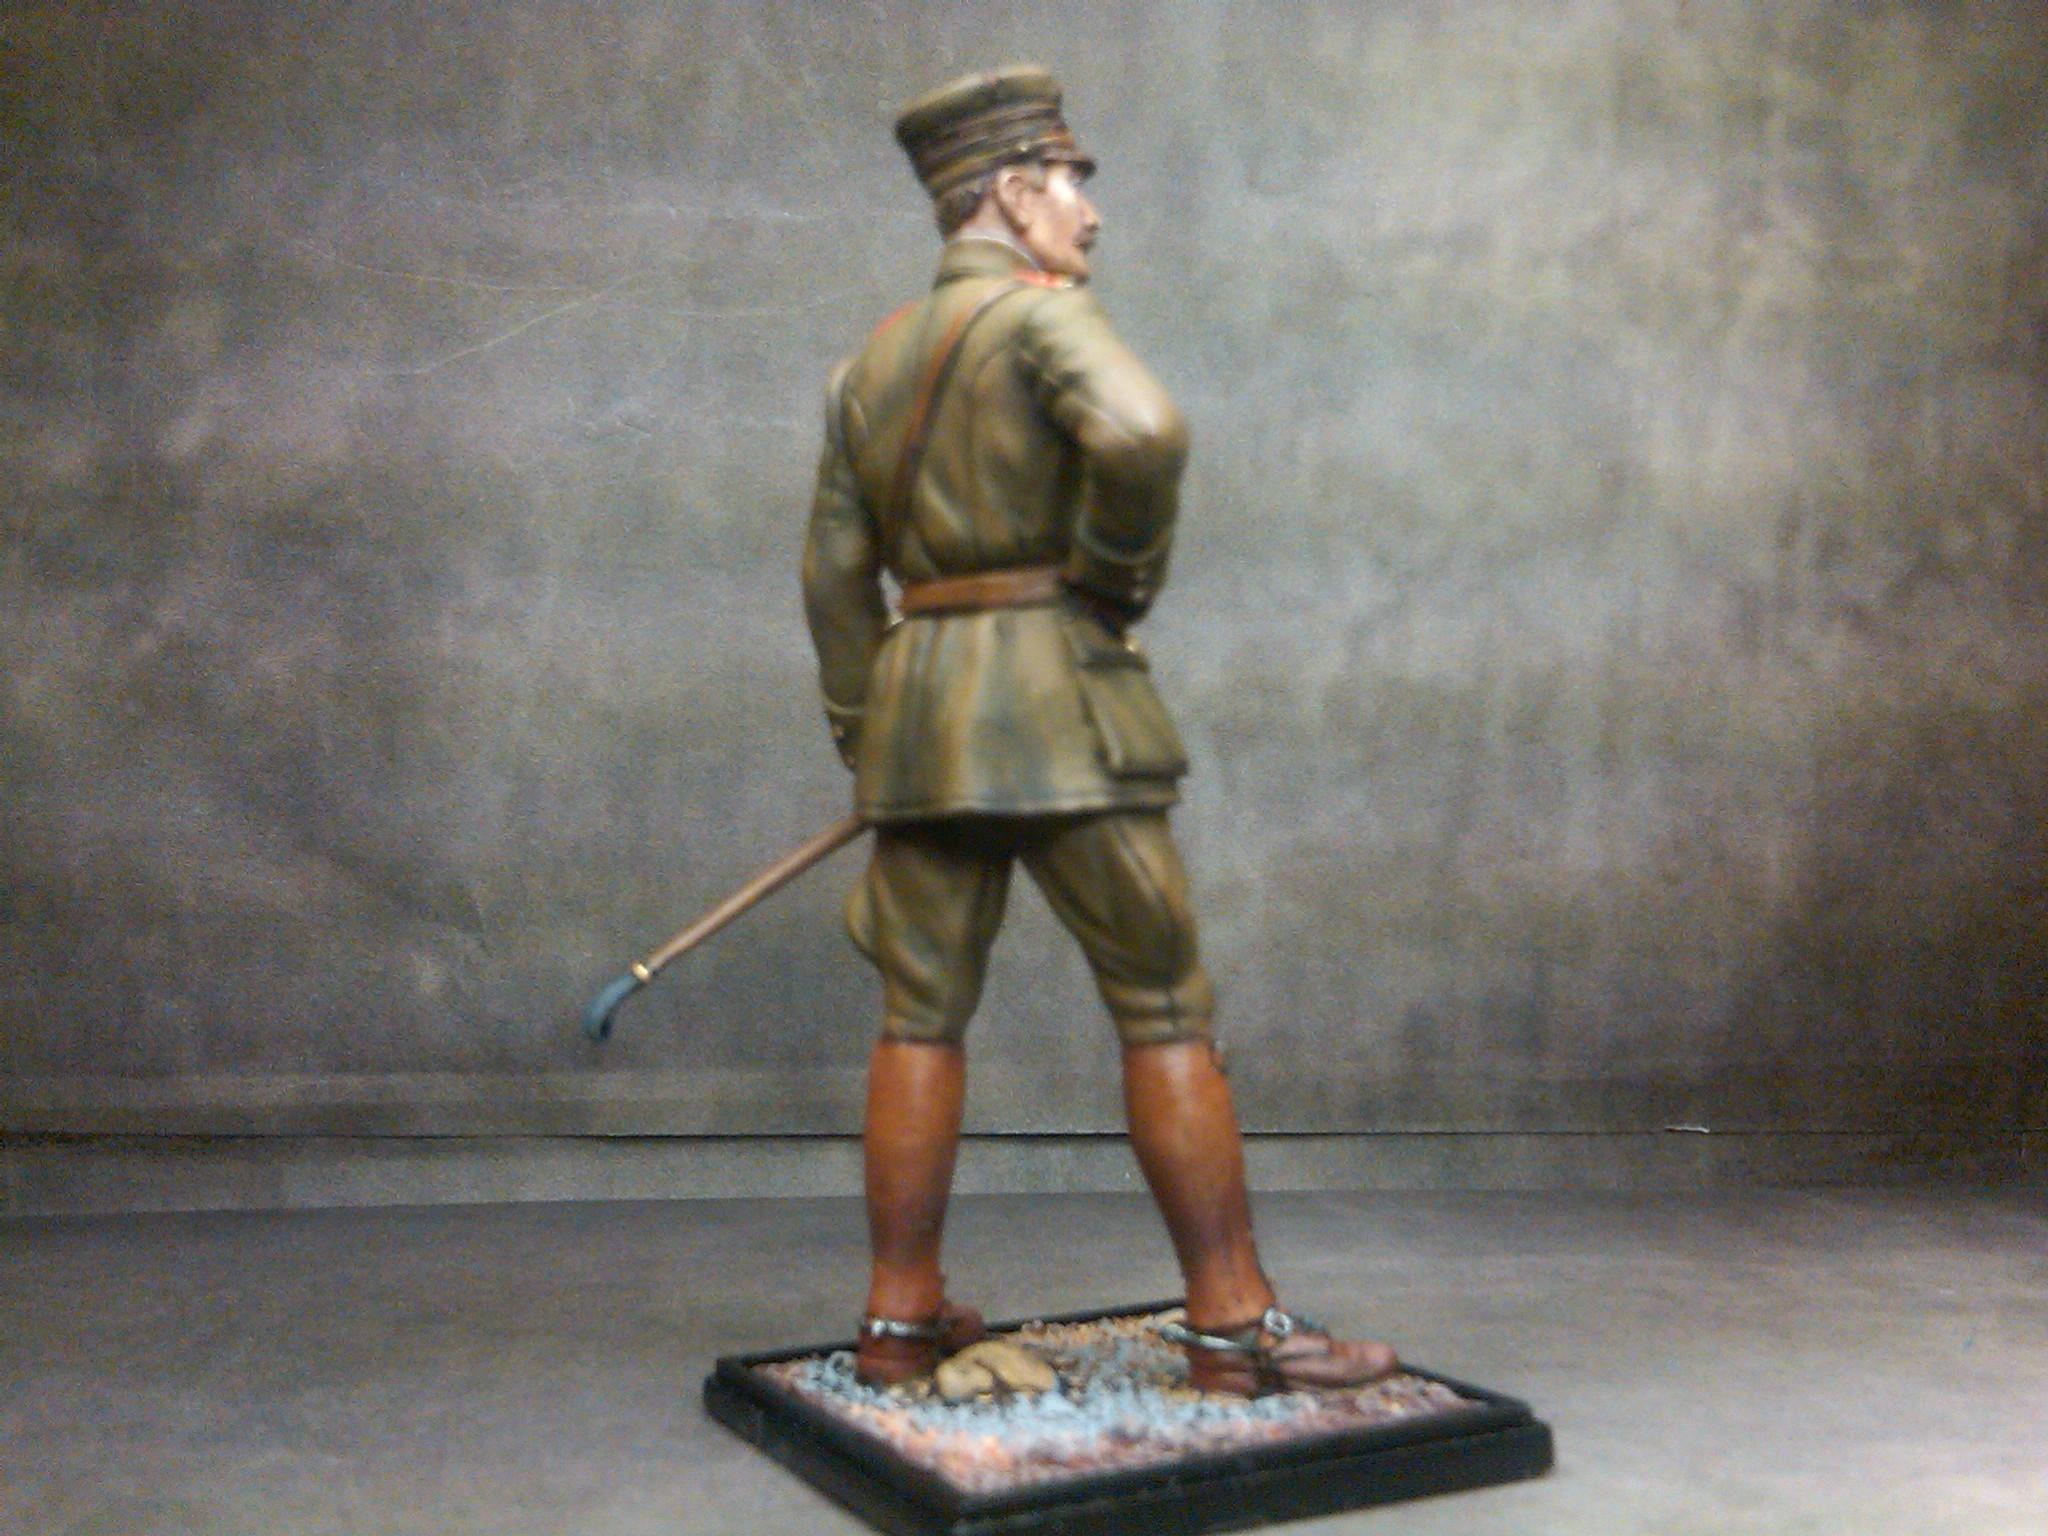 Νικολαος Πλαστήρας , Μικρά Ασία,  στρατός, εύζωνες, Plastiras. Greek Army ,